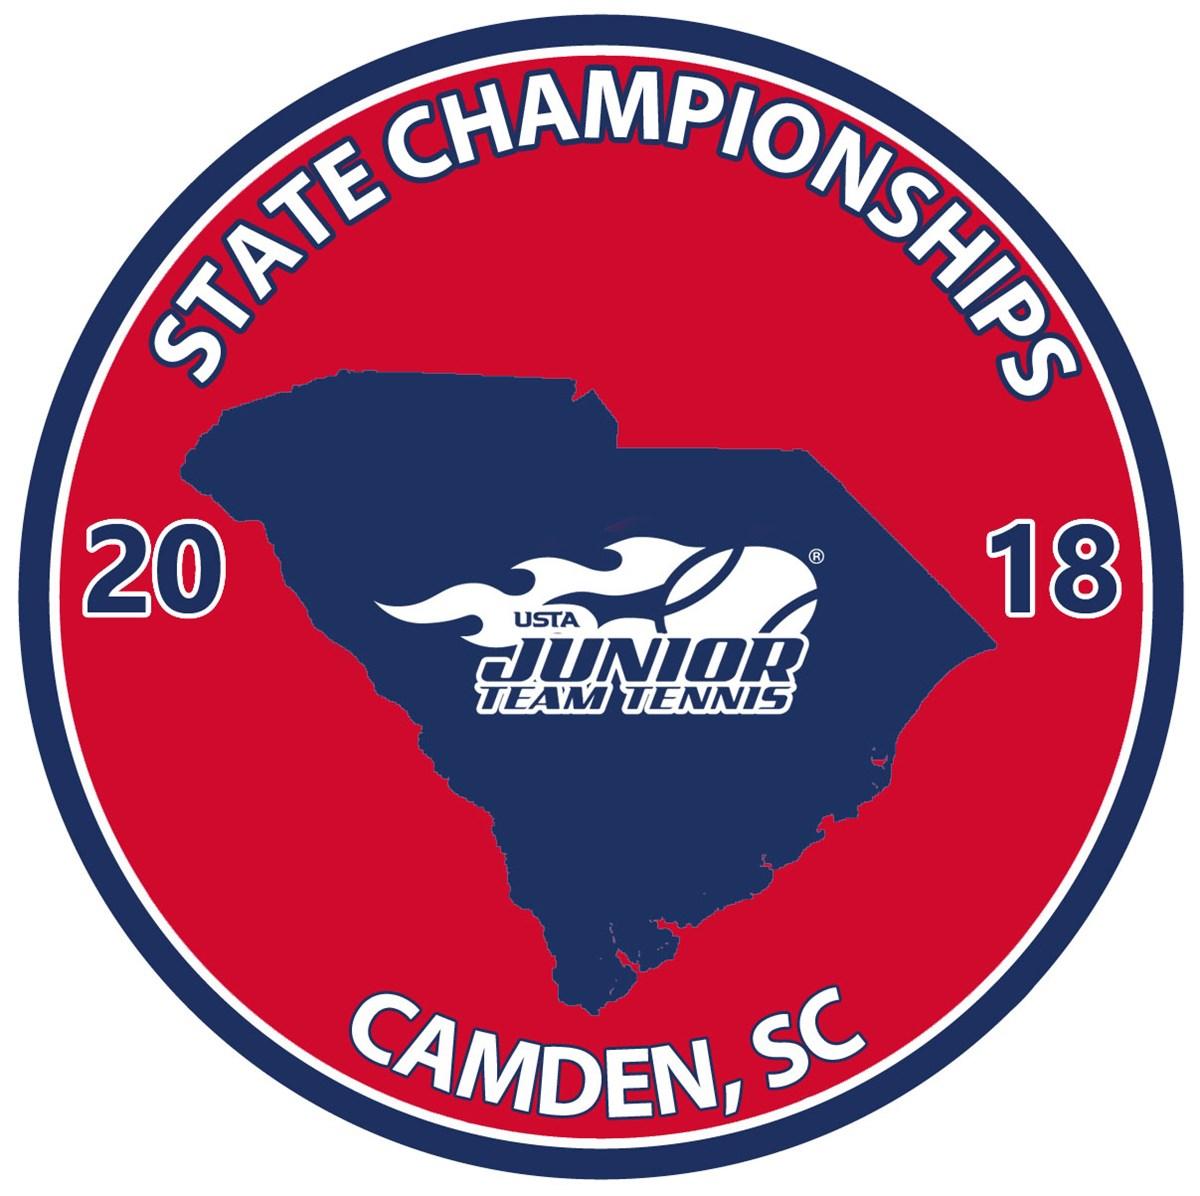 JTT-Championship-logo---2018REDANDBLUE